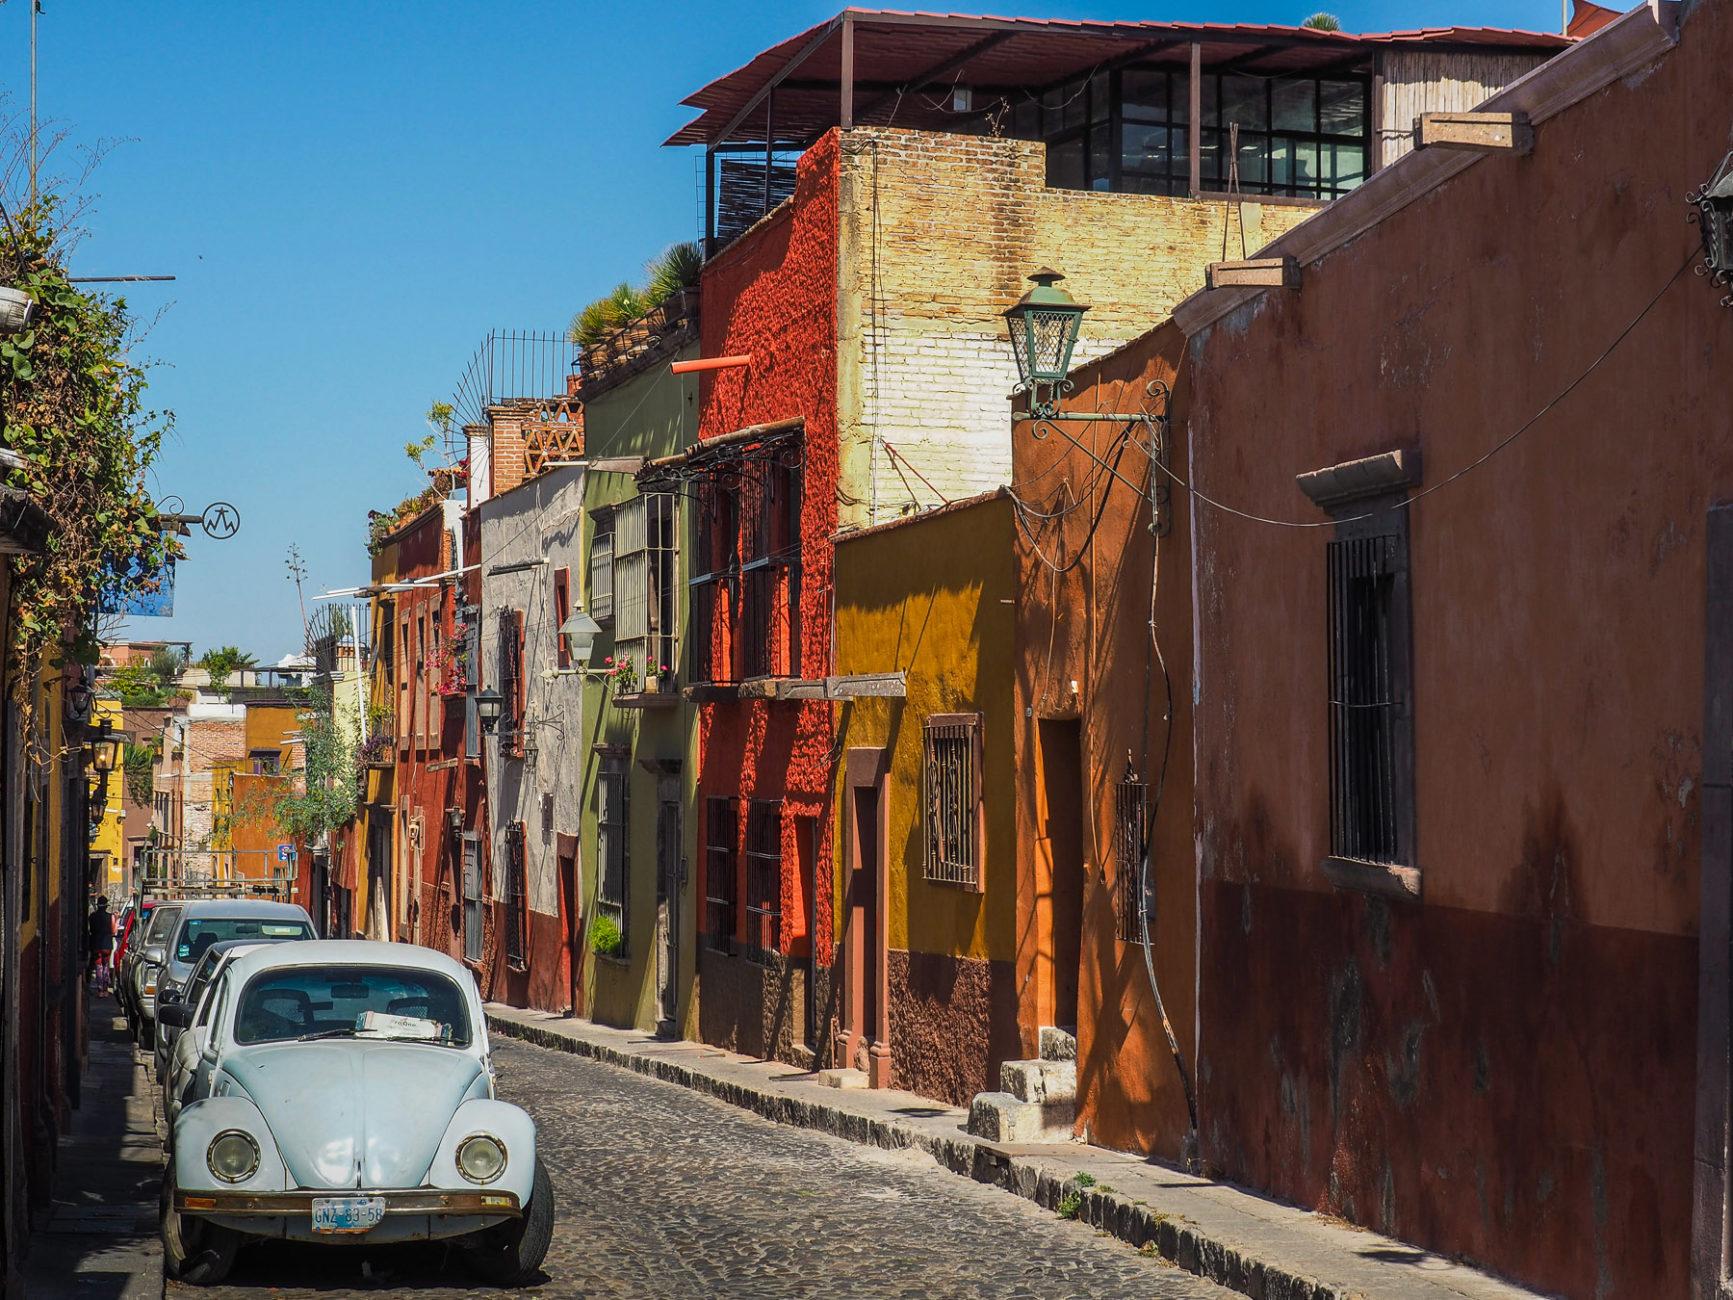 Viele alte VW Käfer sieht man in den Straßen von Mexiko